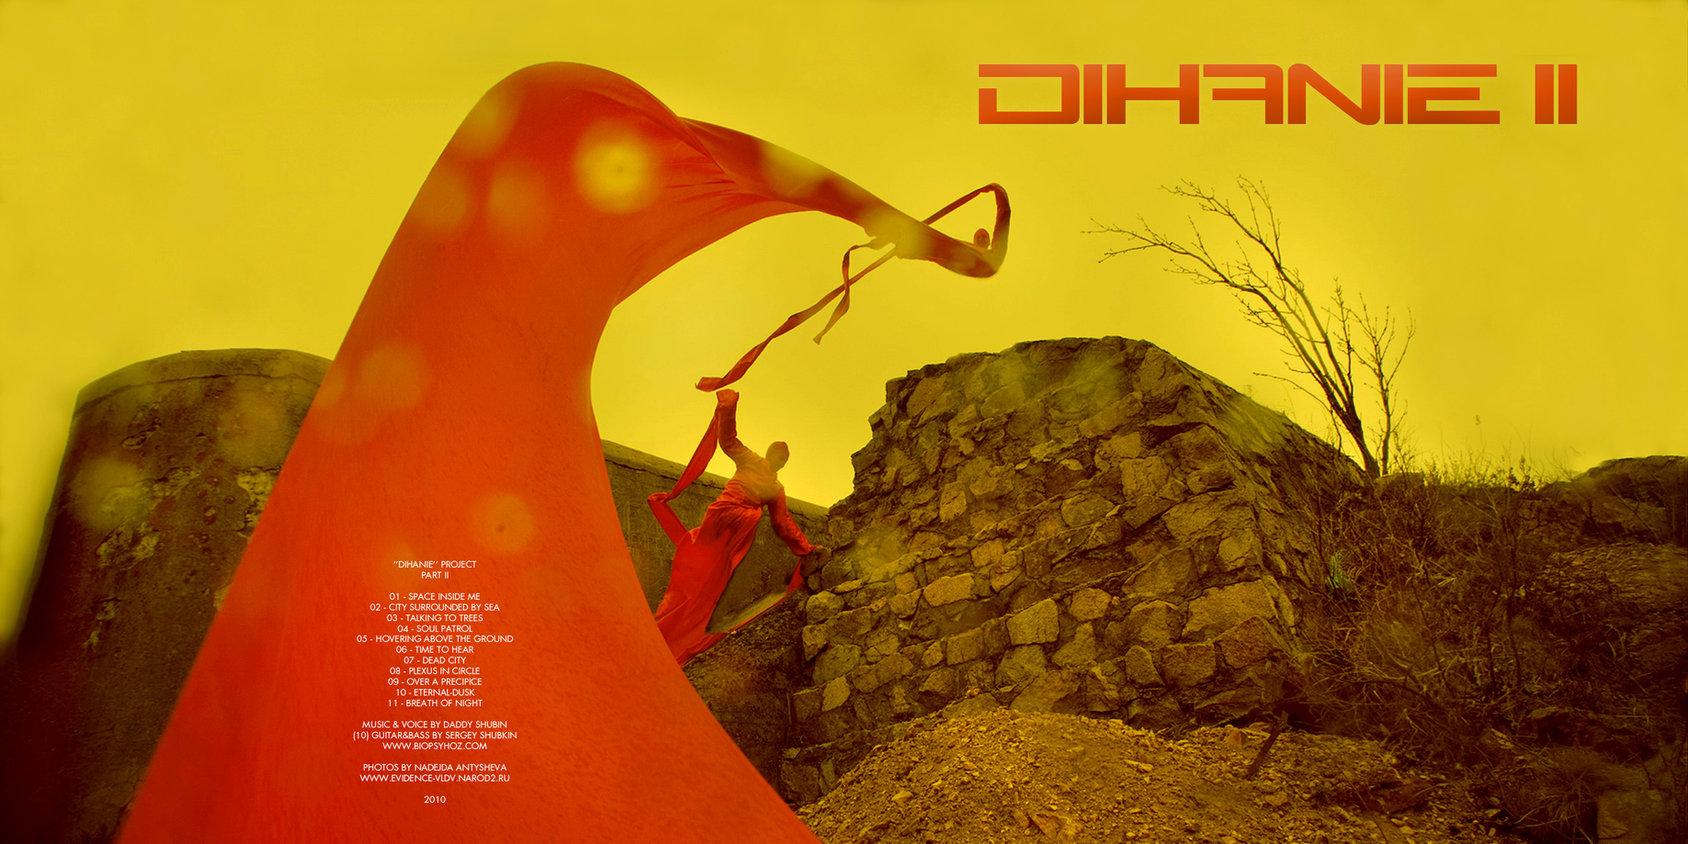 DIHANIE II _01.jpg